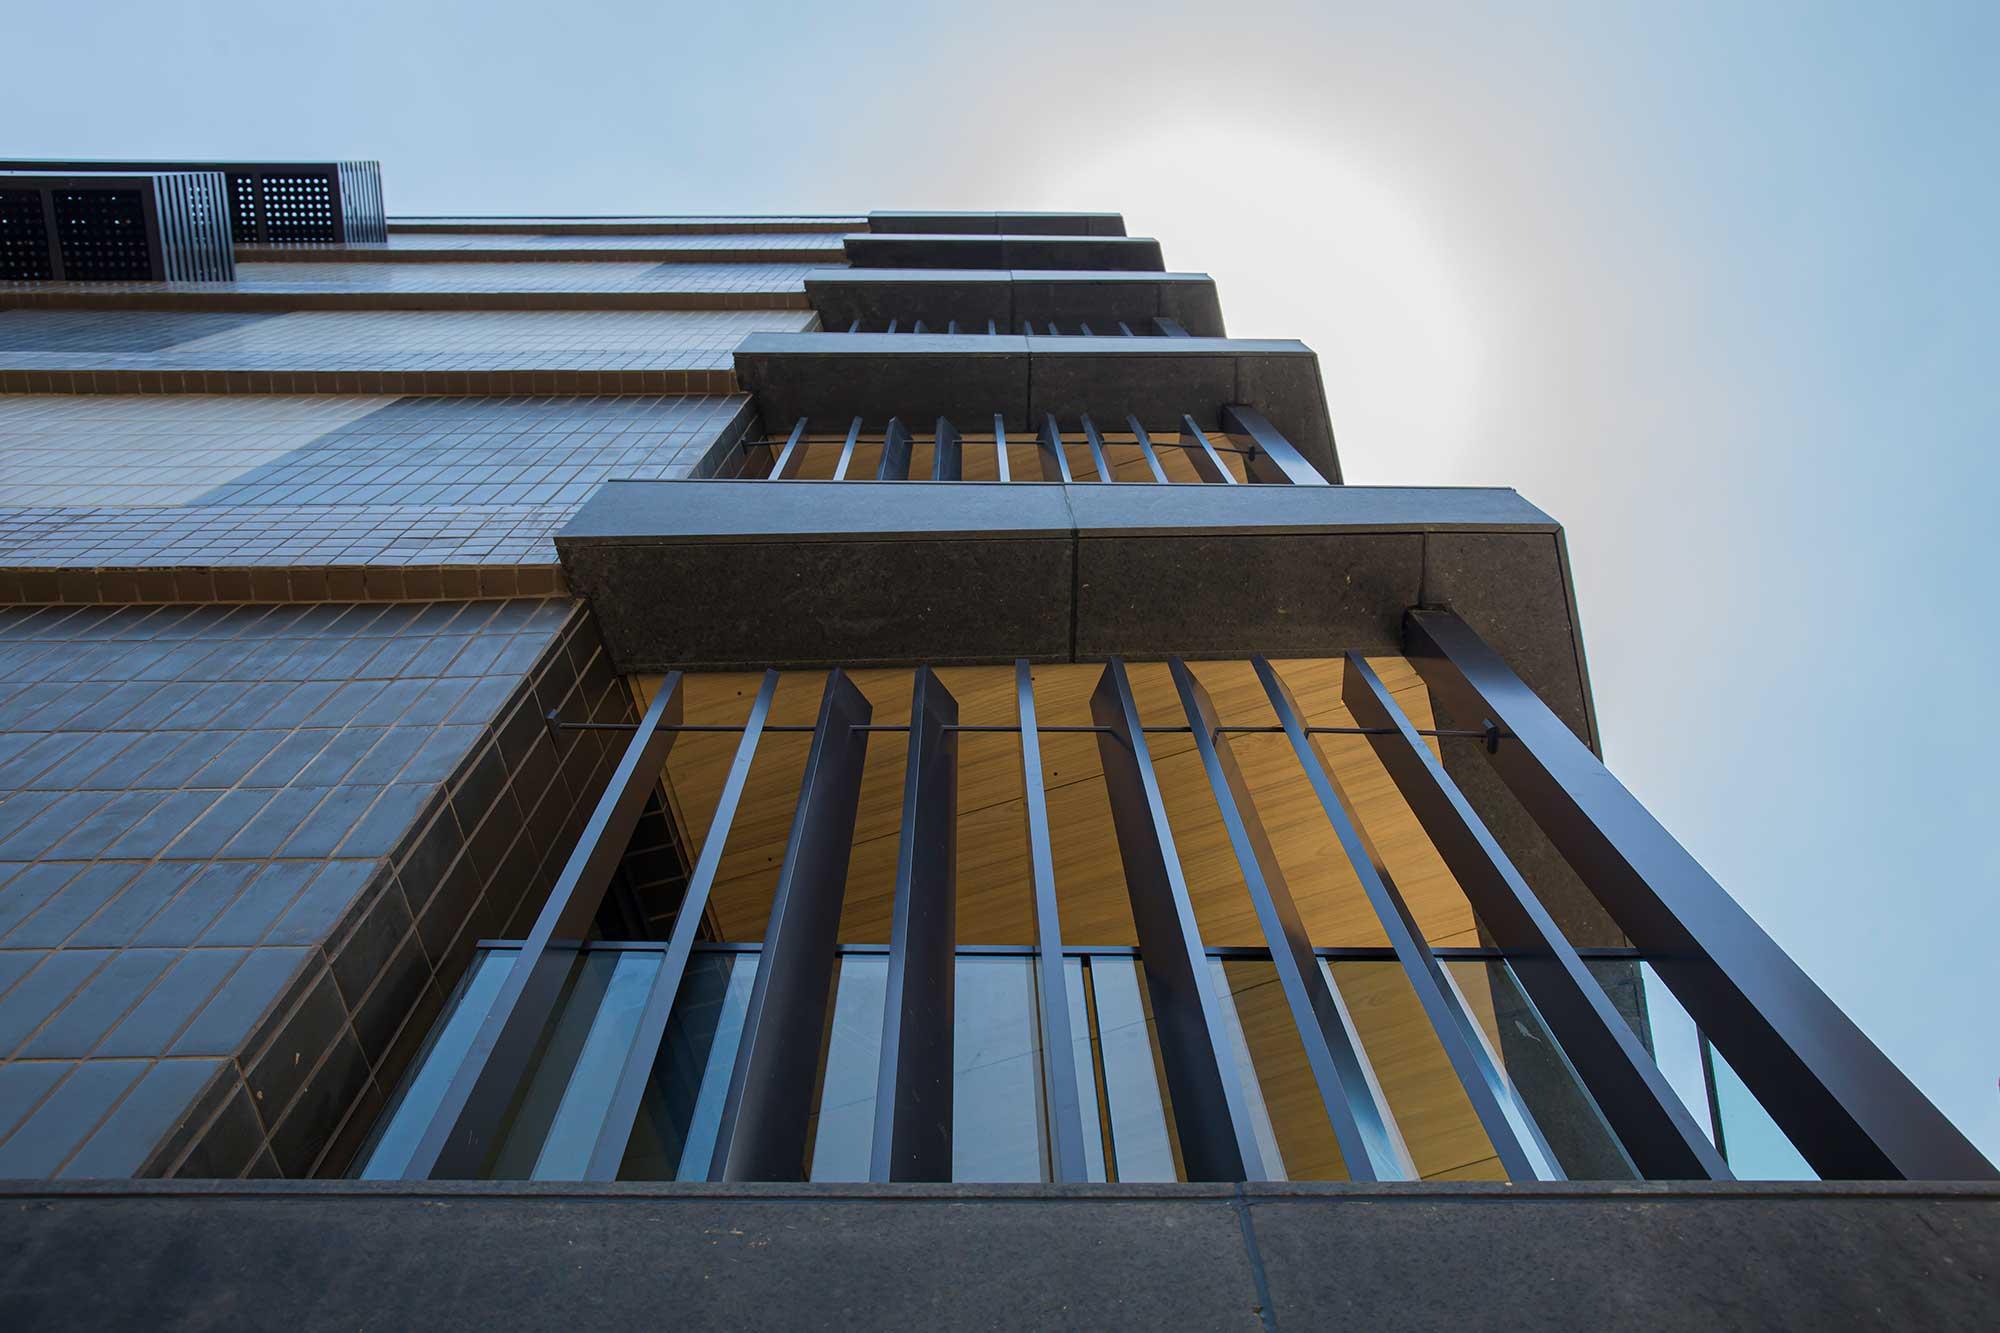 Edifício contemporâneo da Cité Arquitetura inaugura no Rio de Janeiro